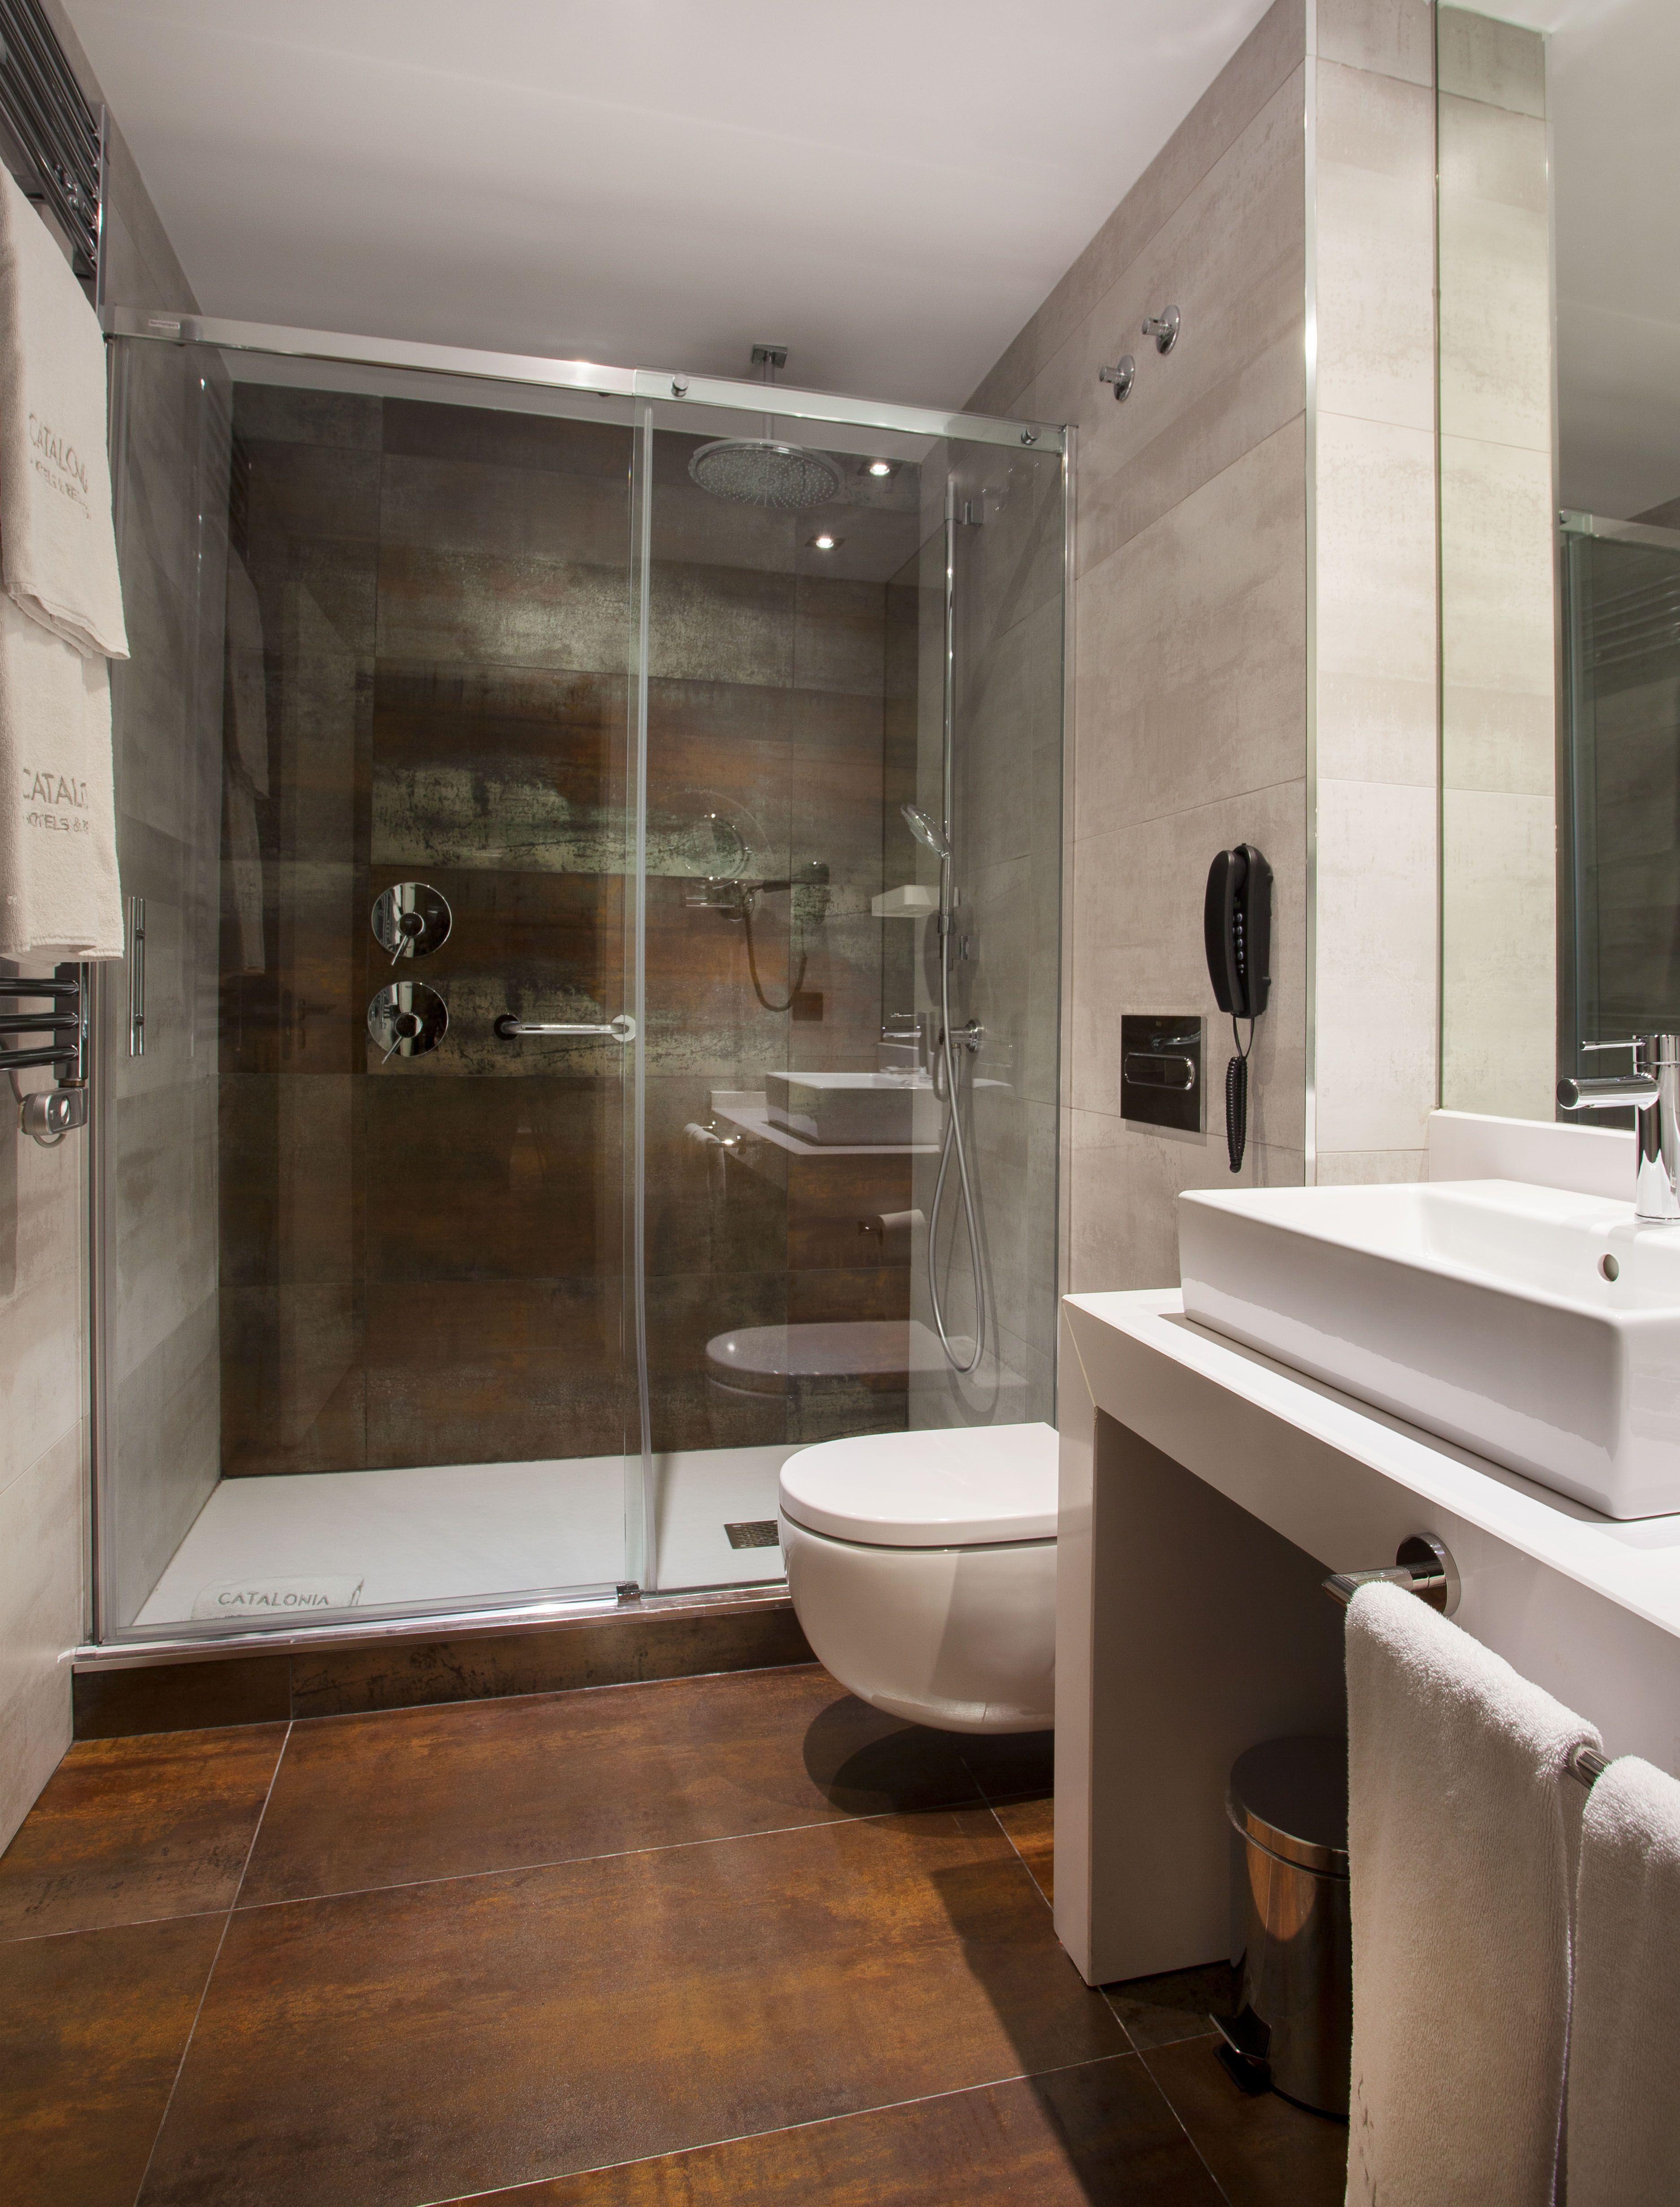 Bathrooms stylish uk